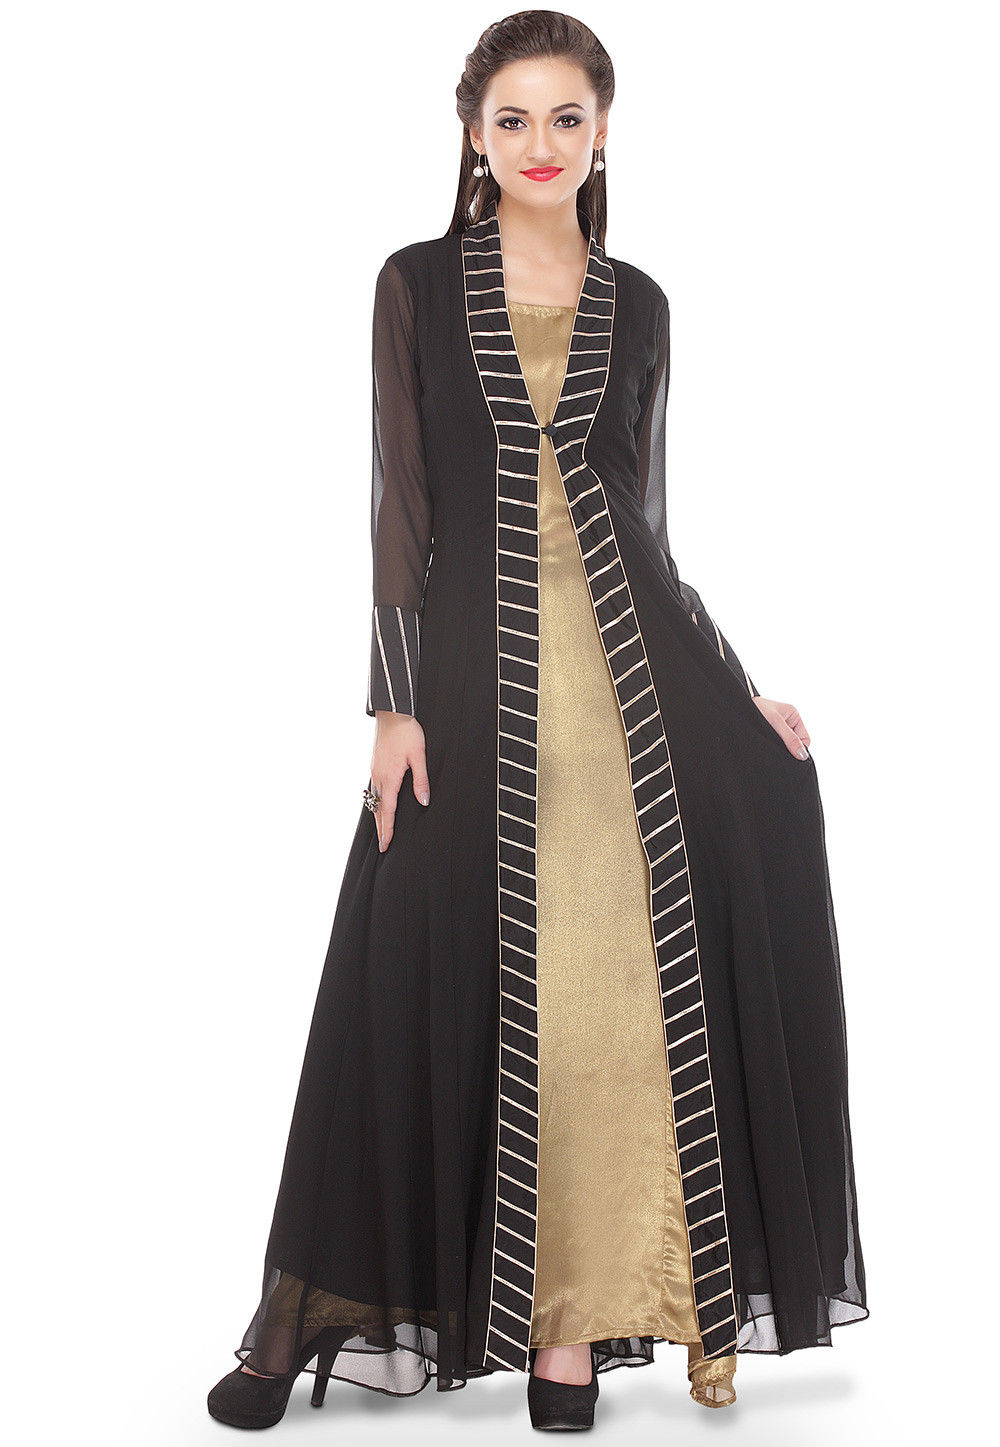 Jacket Style Georgette Shimmer Kurta Set in Black and Golden